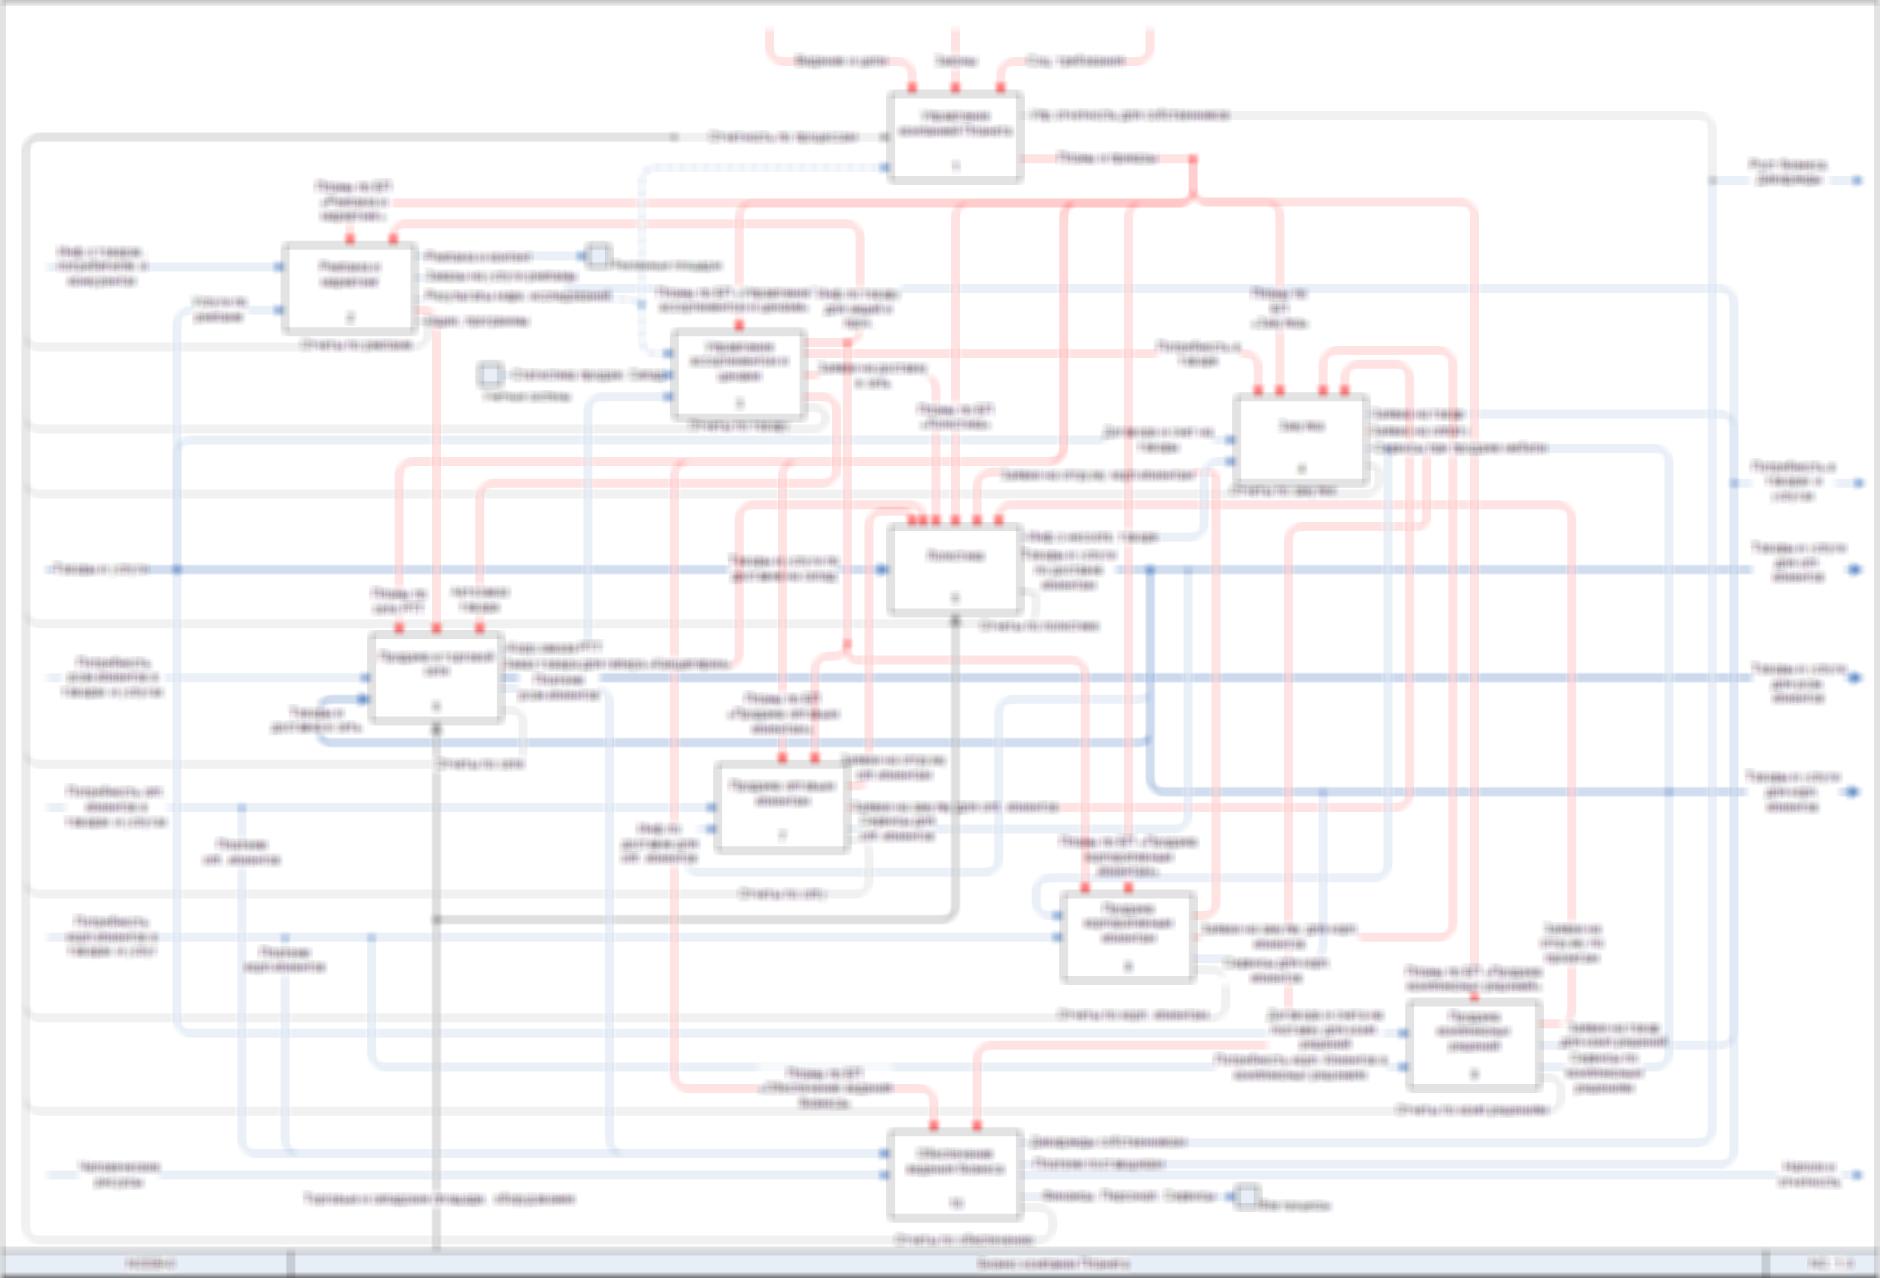 Выполнена разработка архитектуры бизнес-процессов ГК «Планета»